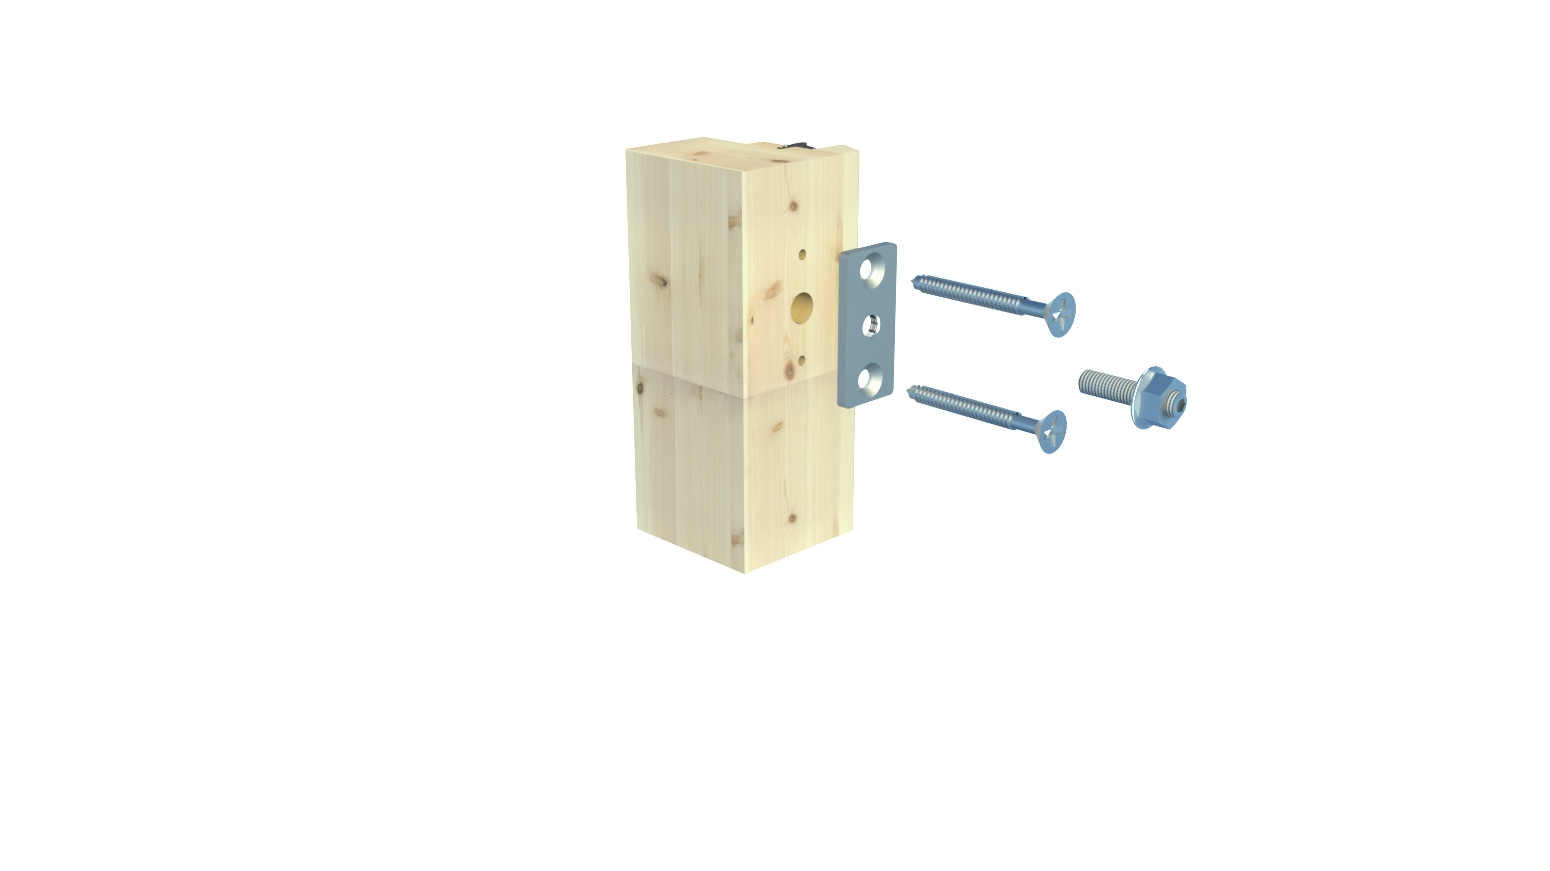 Bekannte Befestigung für Geländer für Holz/HolzAlu BS400/401 DO31